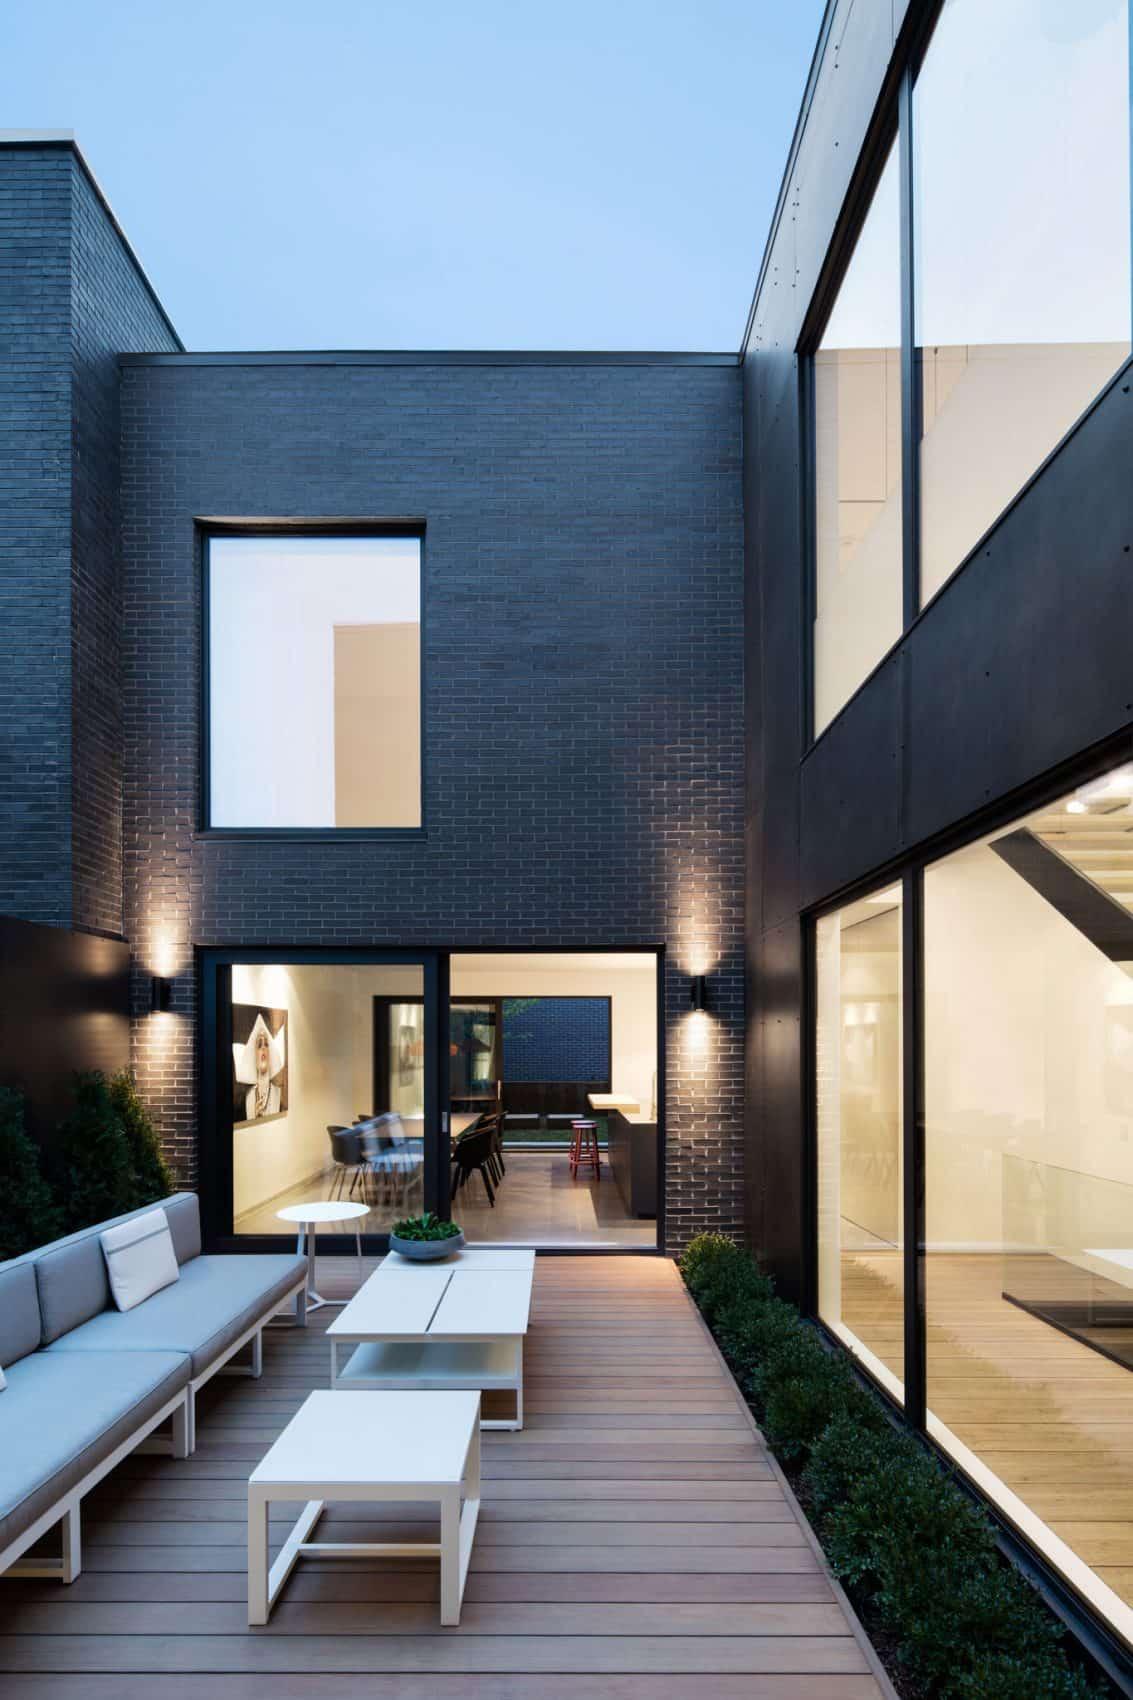 Inner courtyard has a wooden deck